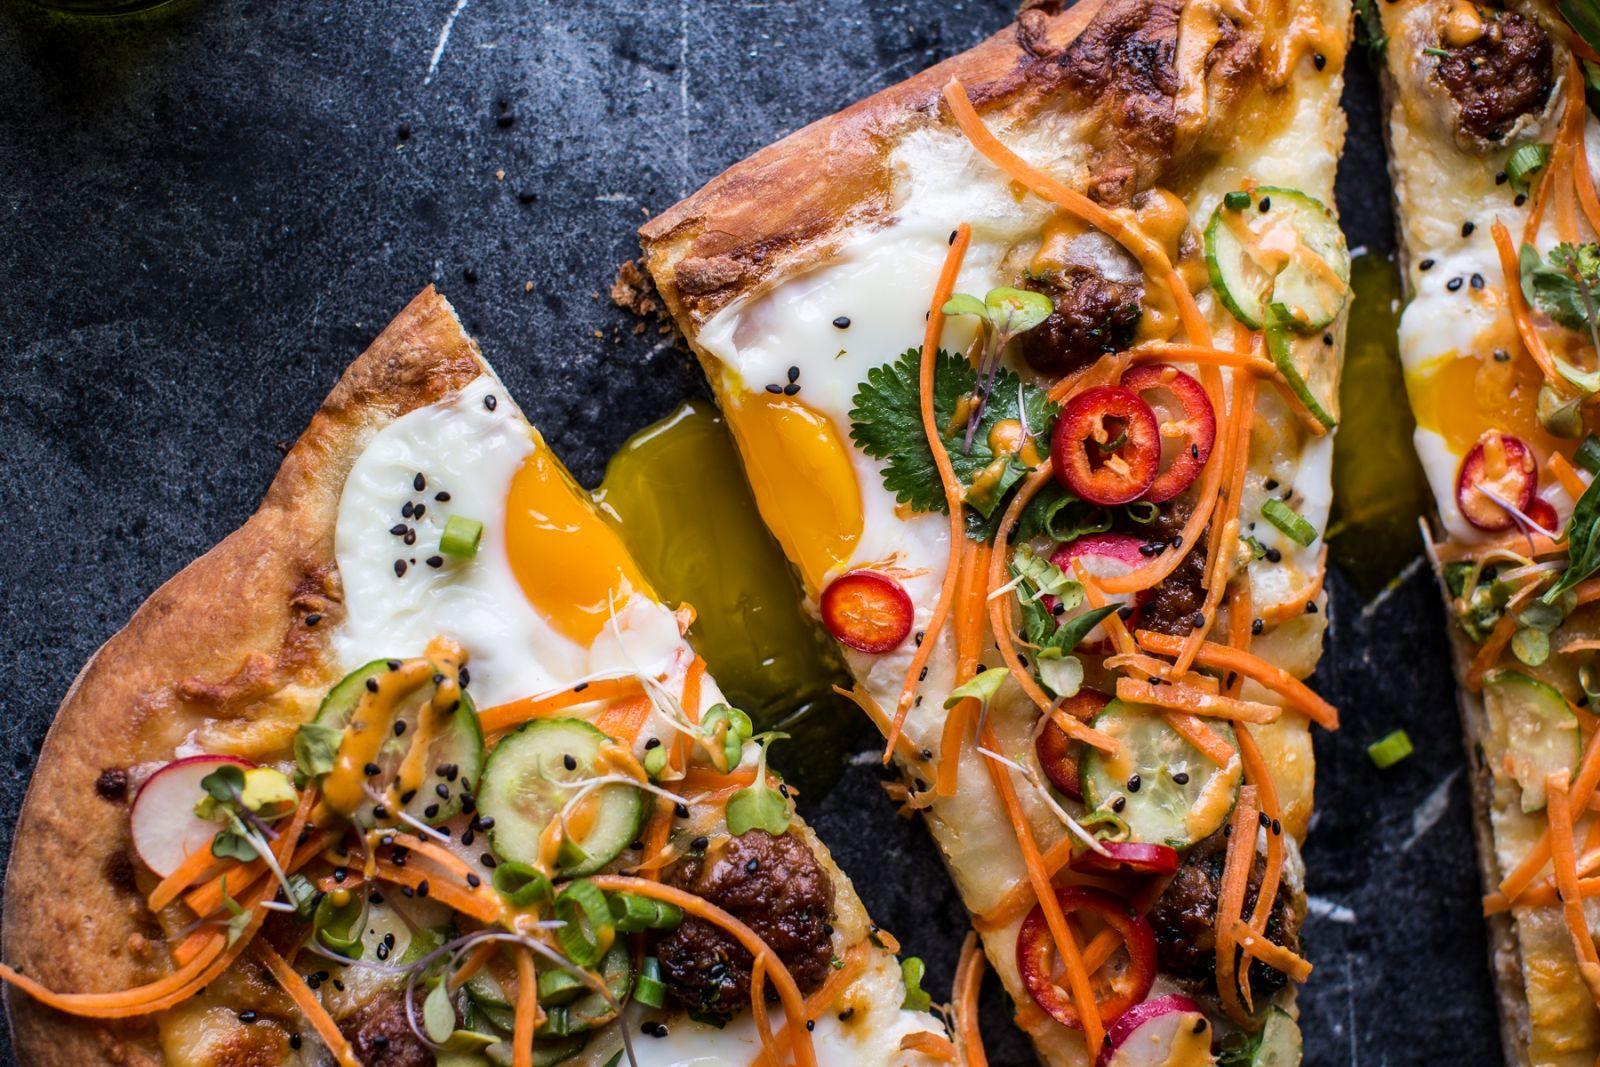 Рецепт невероятной пиццы с мясными шариками, яйцами и овощными добавками - фото №1